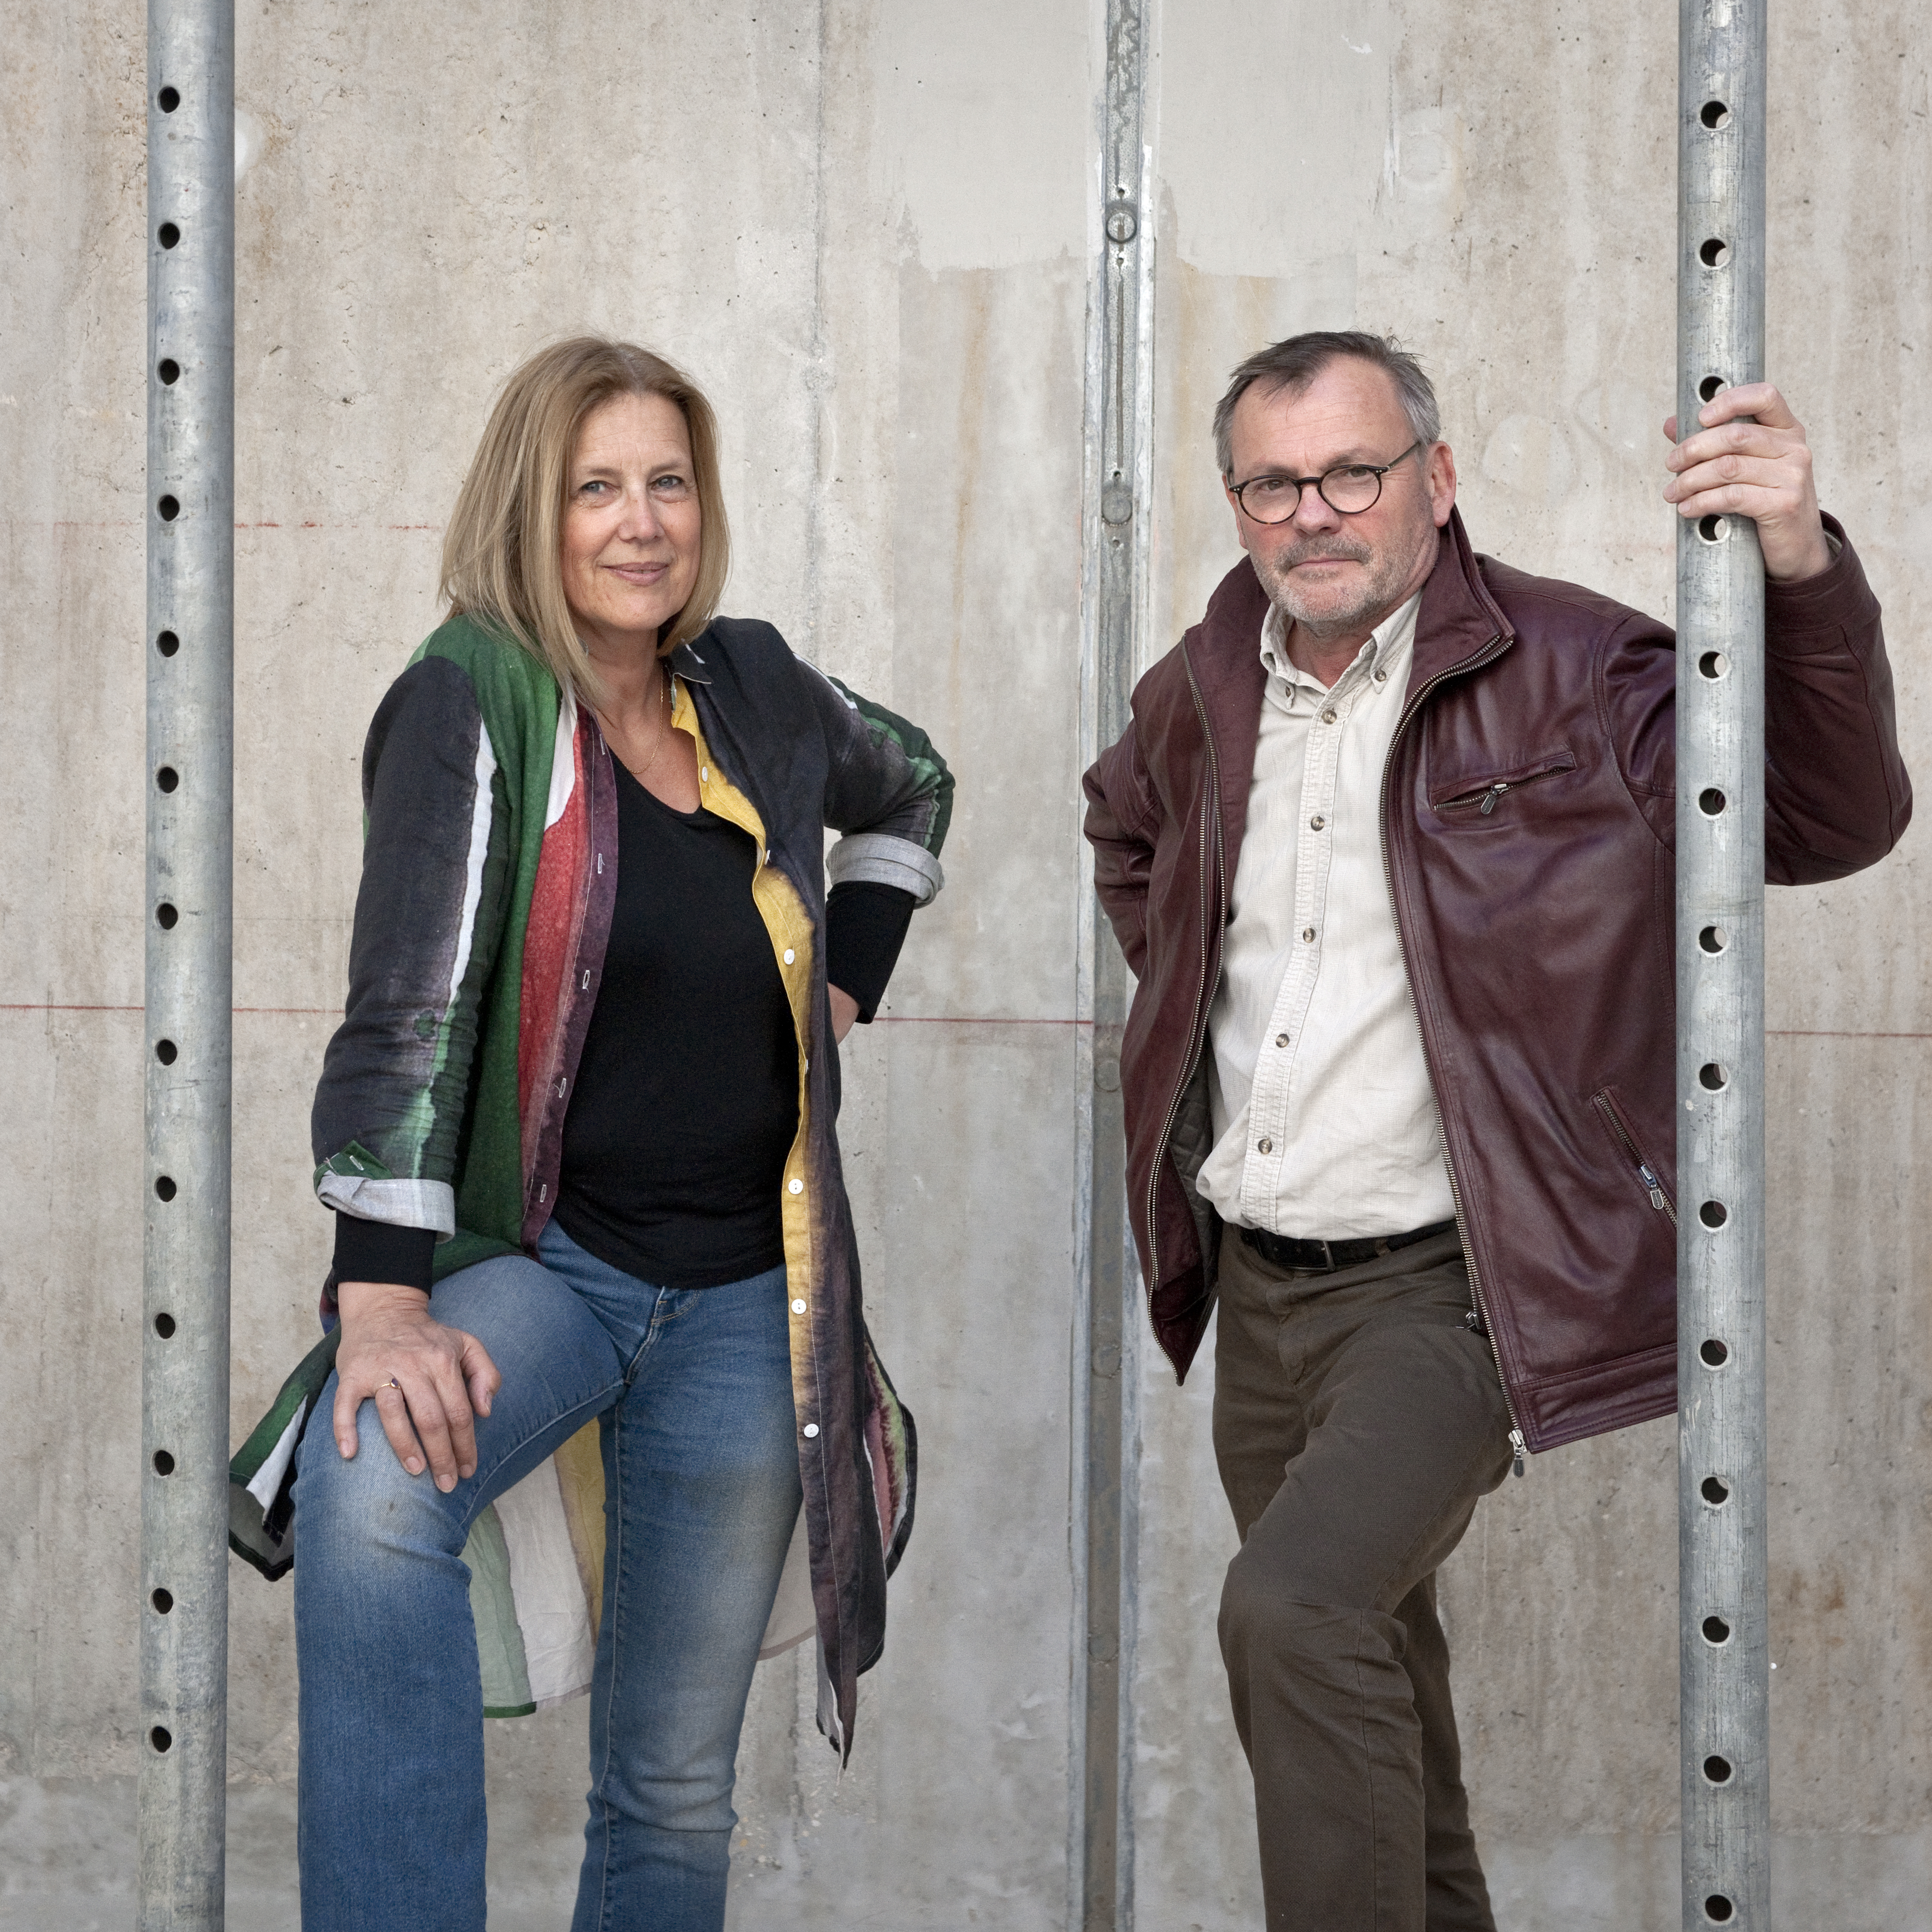 Portrait de Cathy Beauvallet et Dominique Delajot dans la future Maison de la Culture de Bourges en travaux